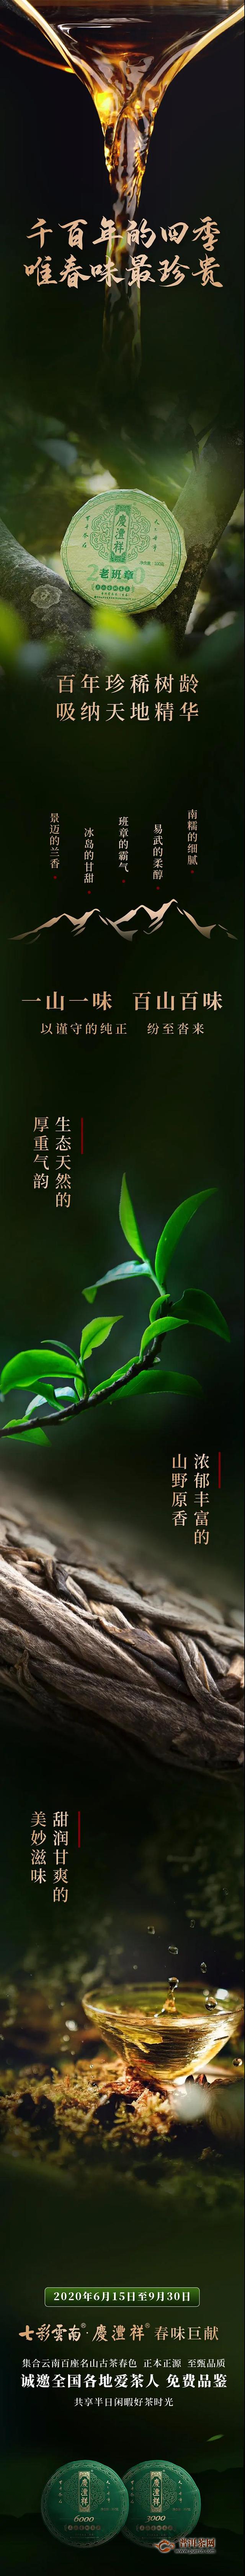 七彩云南庆沣祥全民品鉴招募,千百年的四季唯春味最珍贵